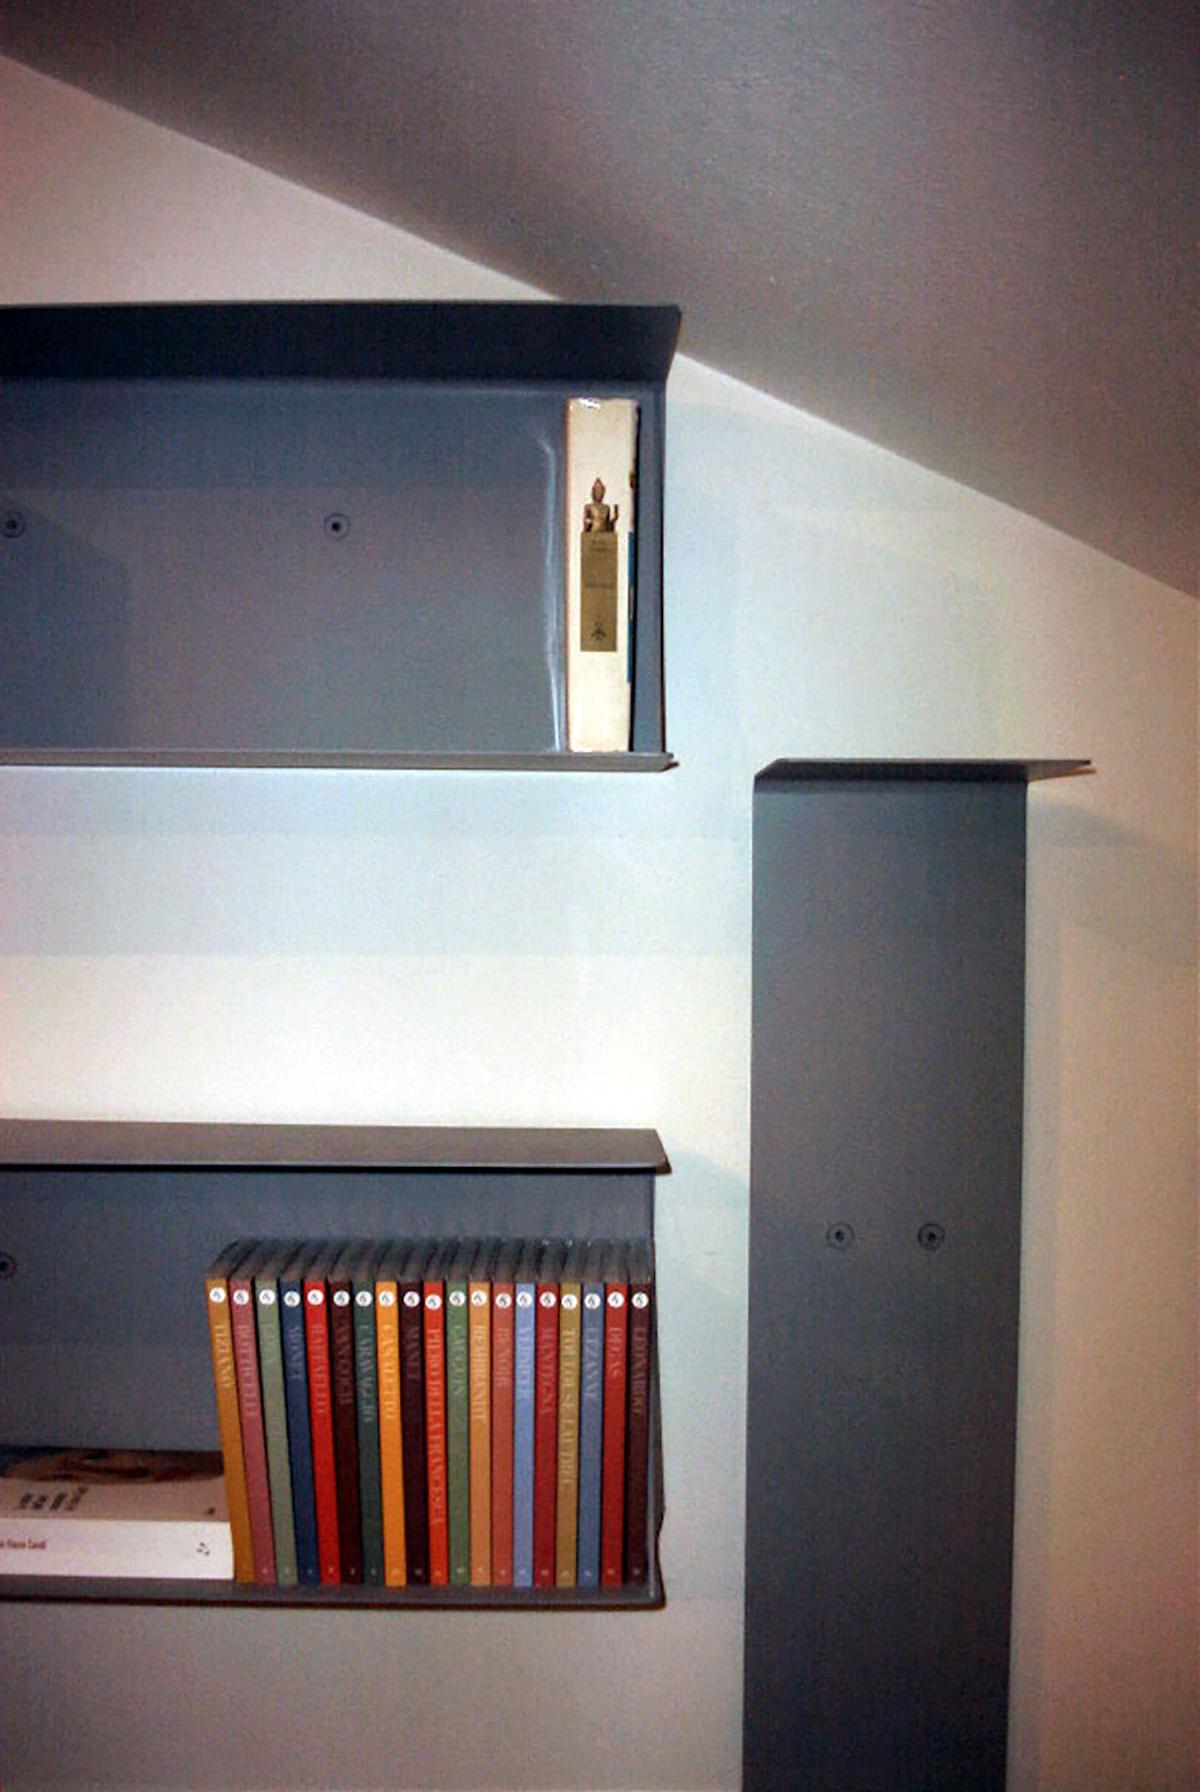 Libreria verticale e orizzontale in lamiera piegata su disegno